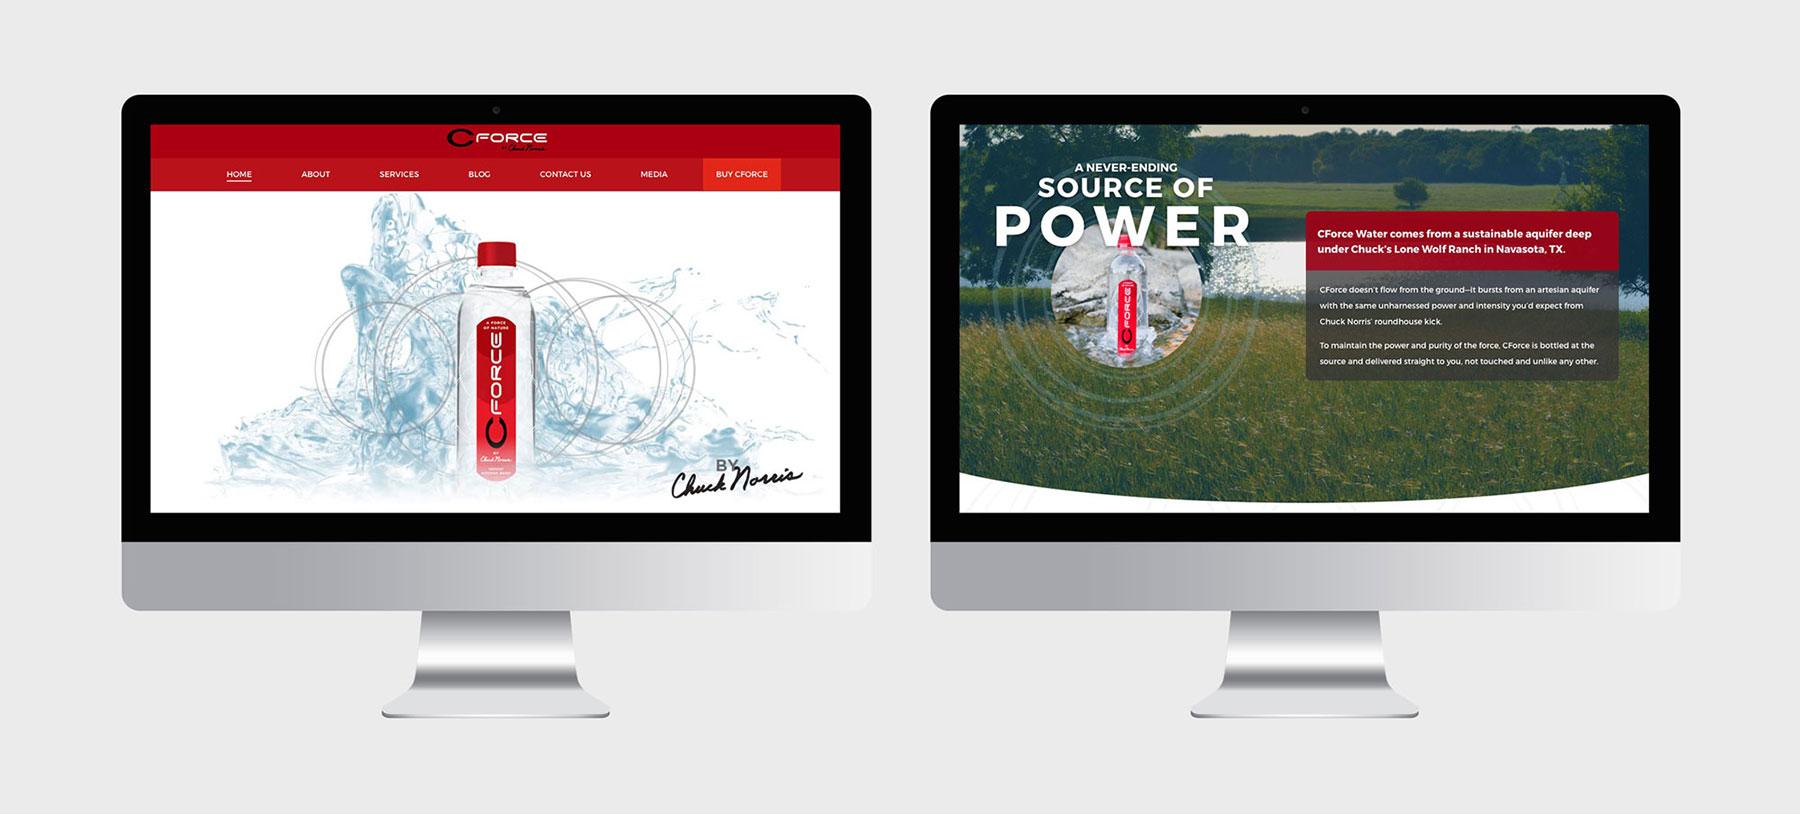 CForce iMac mockup showing new website design work